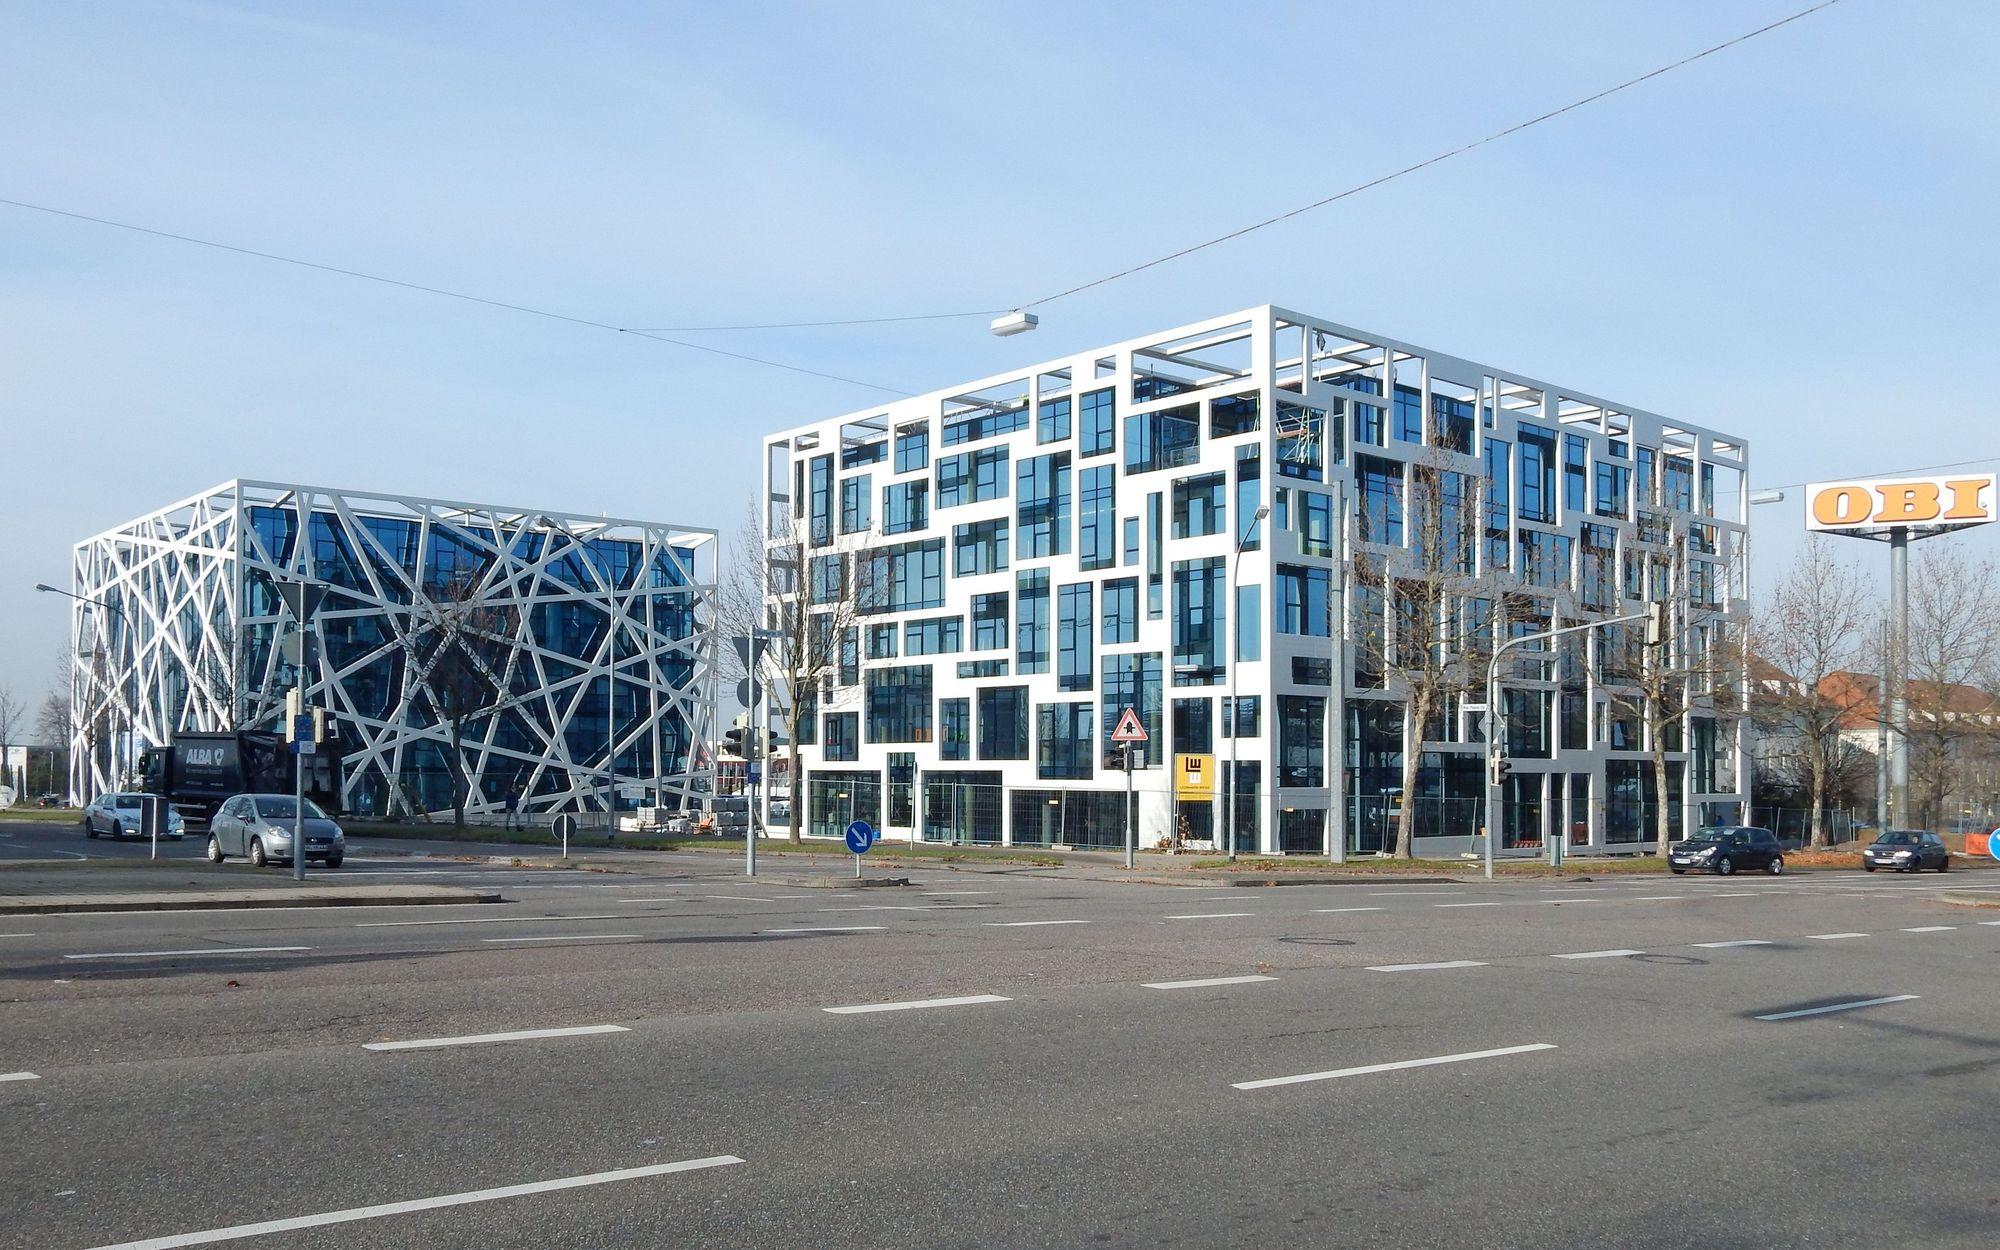 Architekten Heilbronn lounge heilbronn deutsches architektur forum